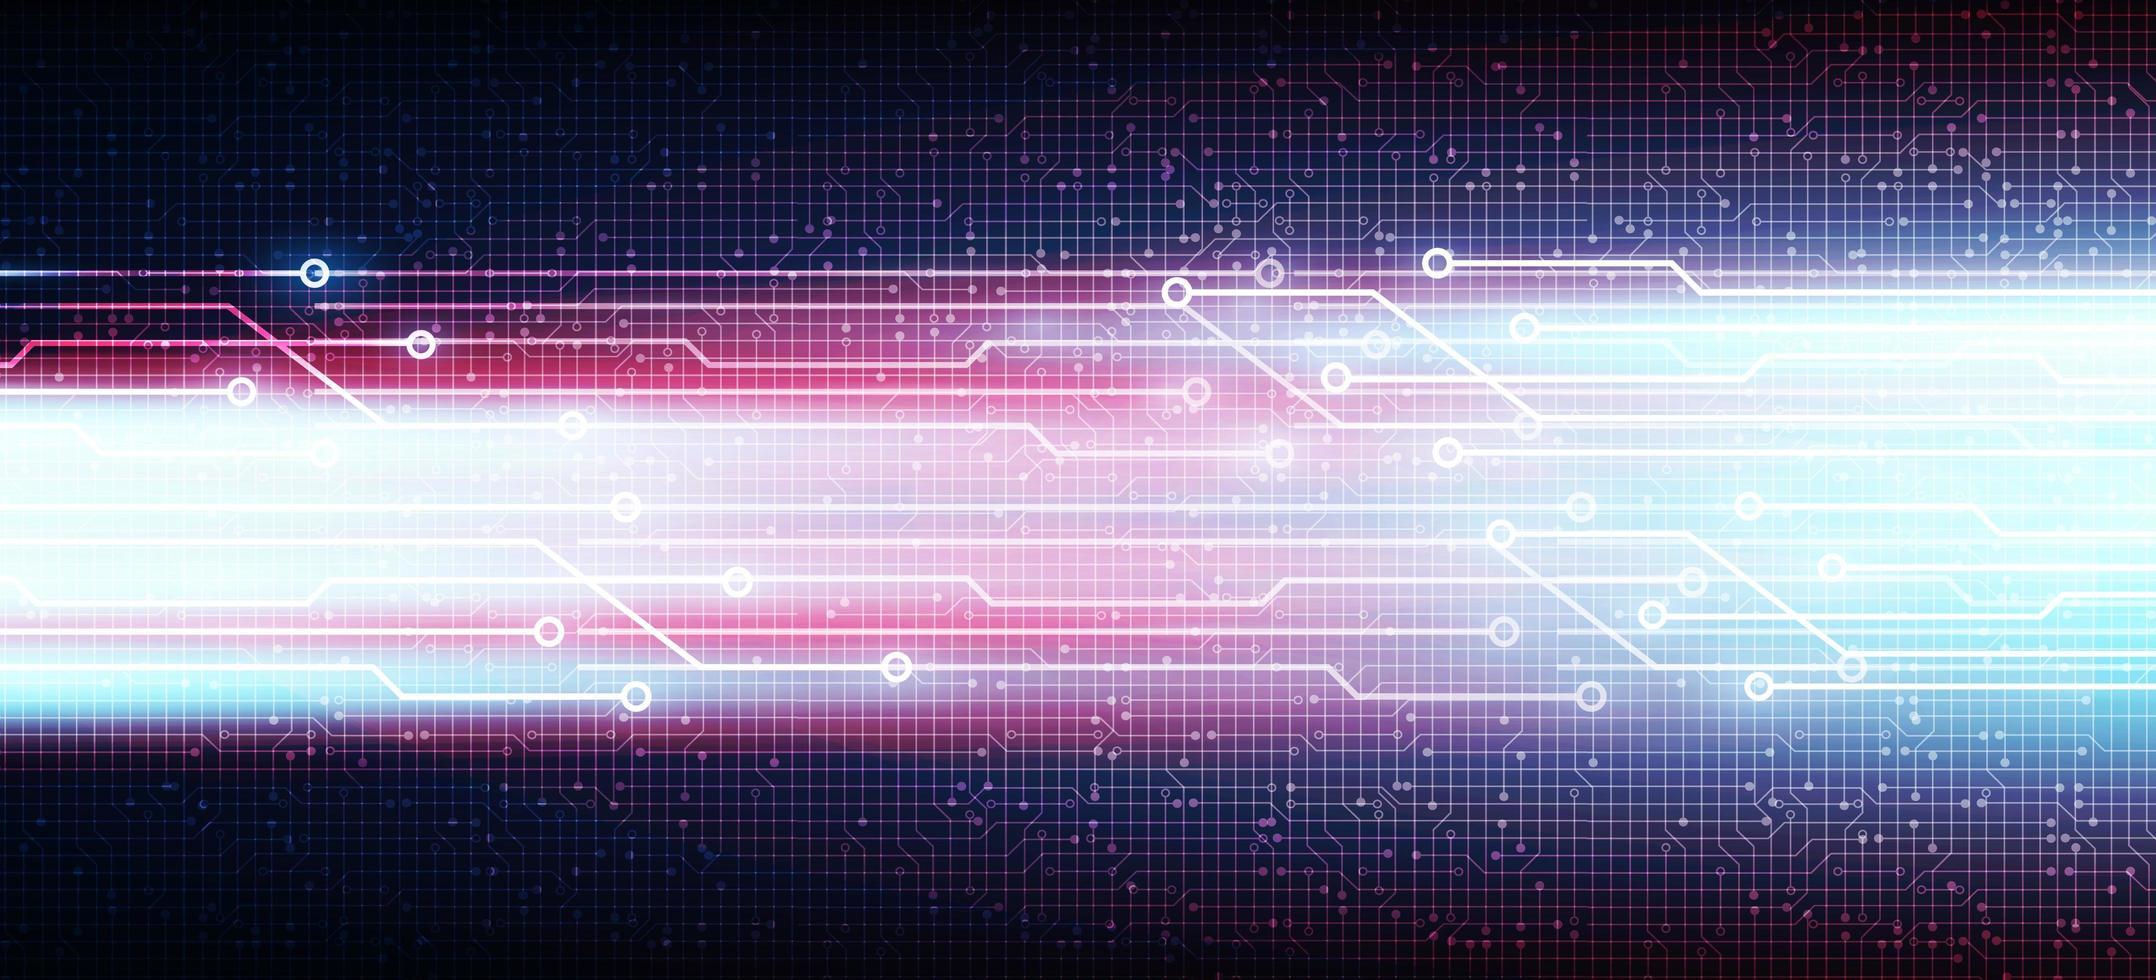 Línea de tecnología de velocidad en el fondo del circuito de microchip, diseño de concepto digital e internet de alta tecnología vector